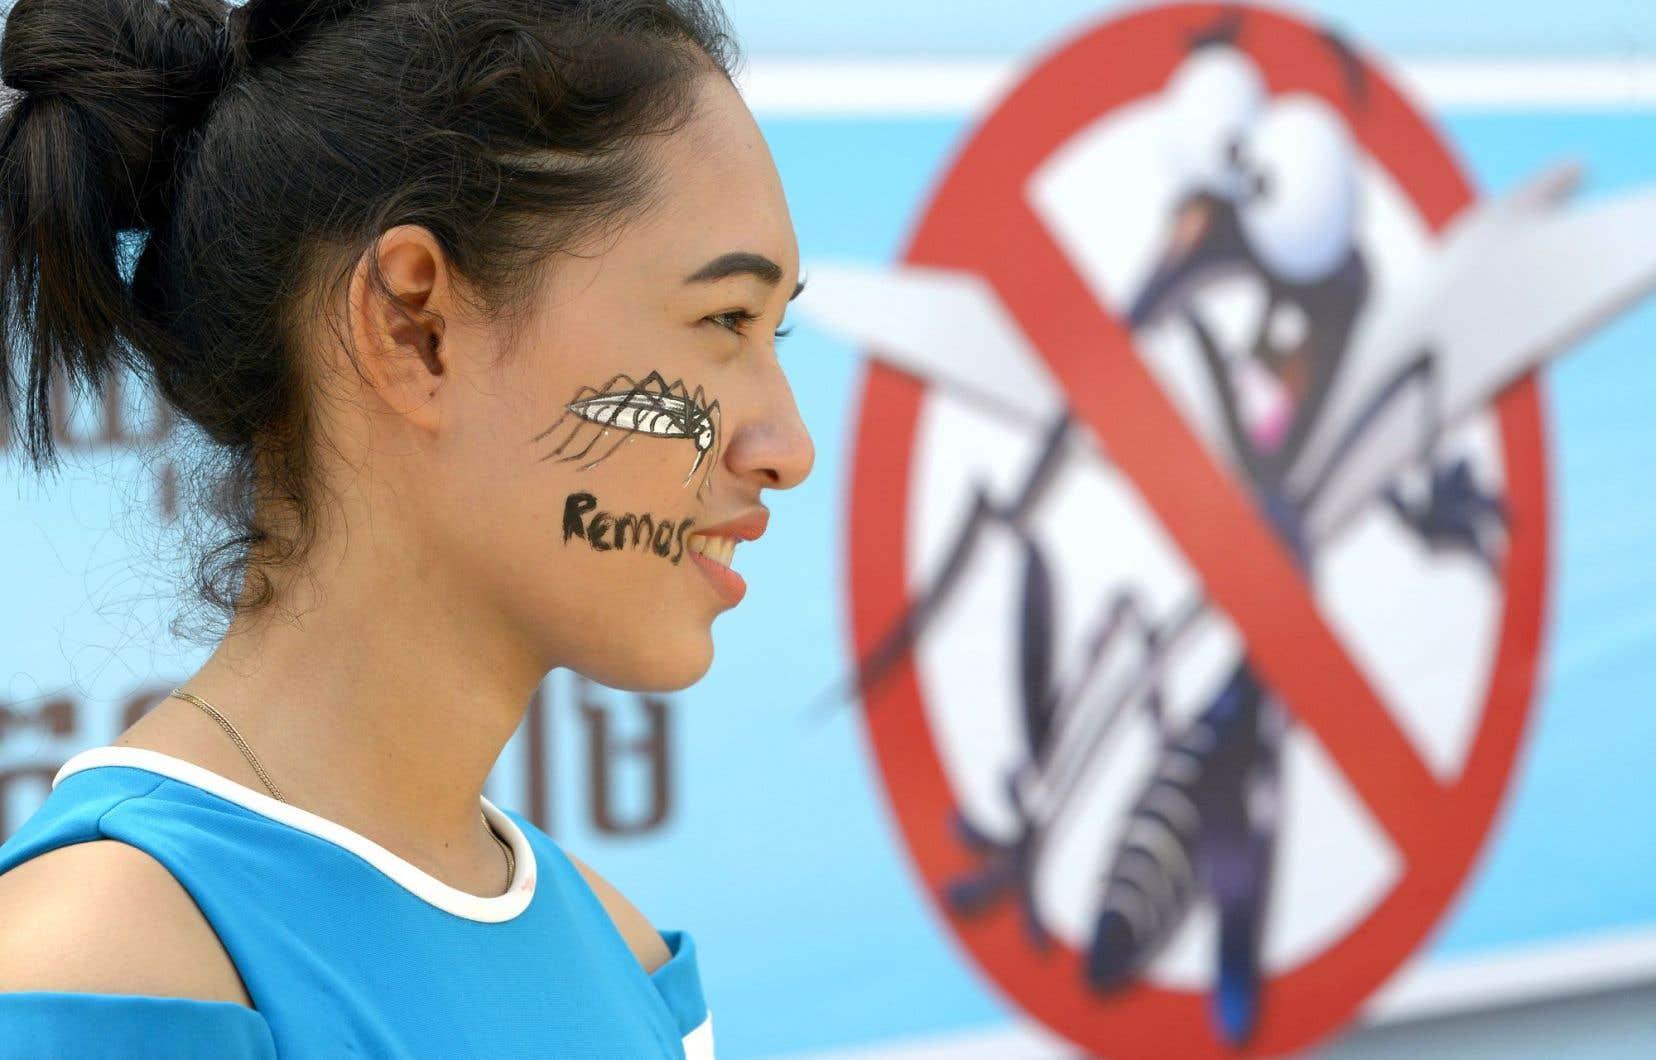 Une jeune femme s'est fait dessiner un moustique sur la joue dans le cadre d'une campagne de lutte contre la dengue à Phnom Penh au Cambodge.